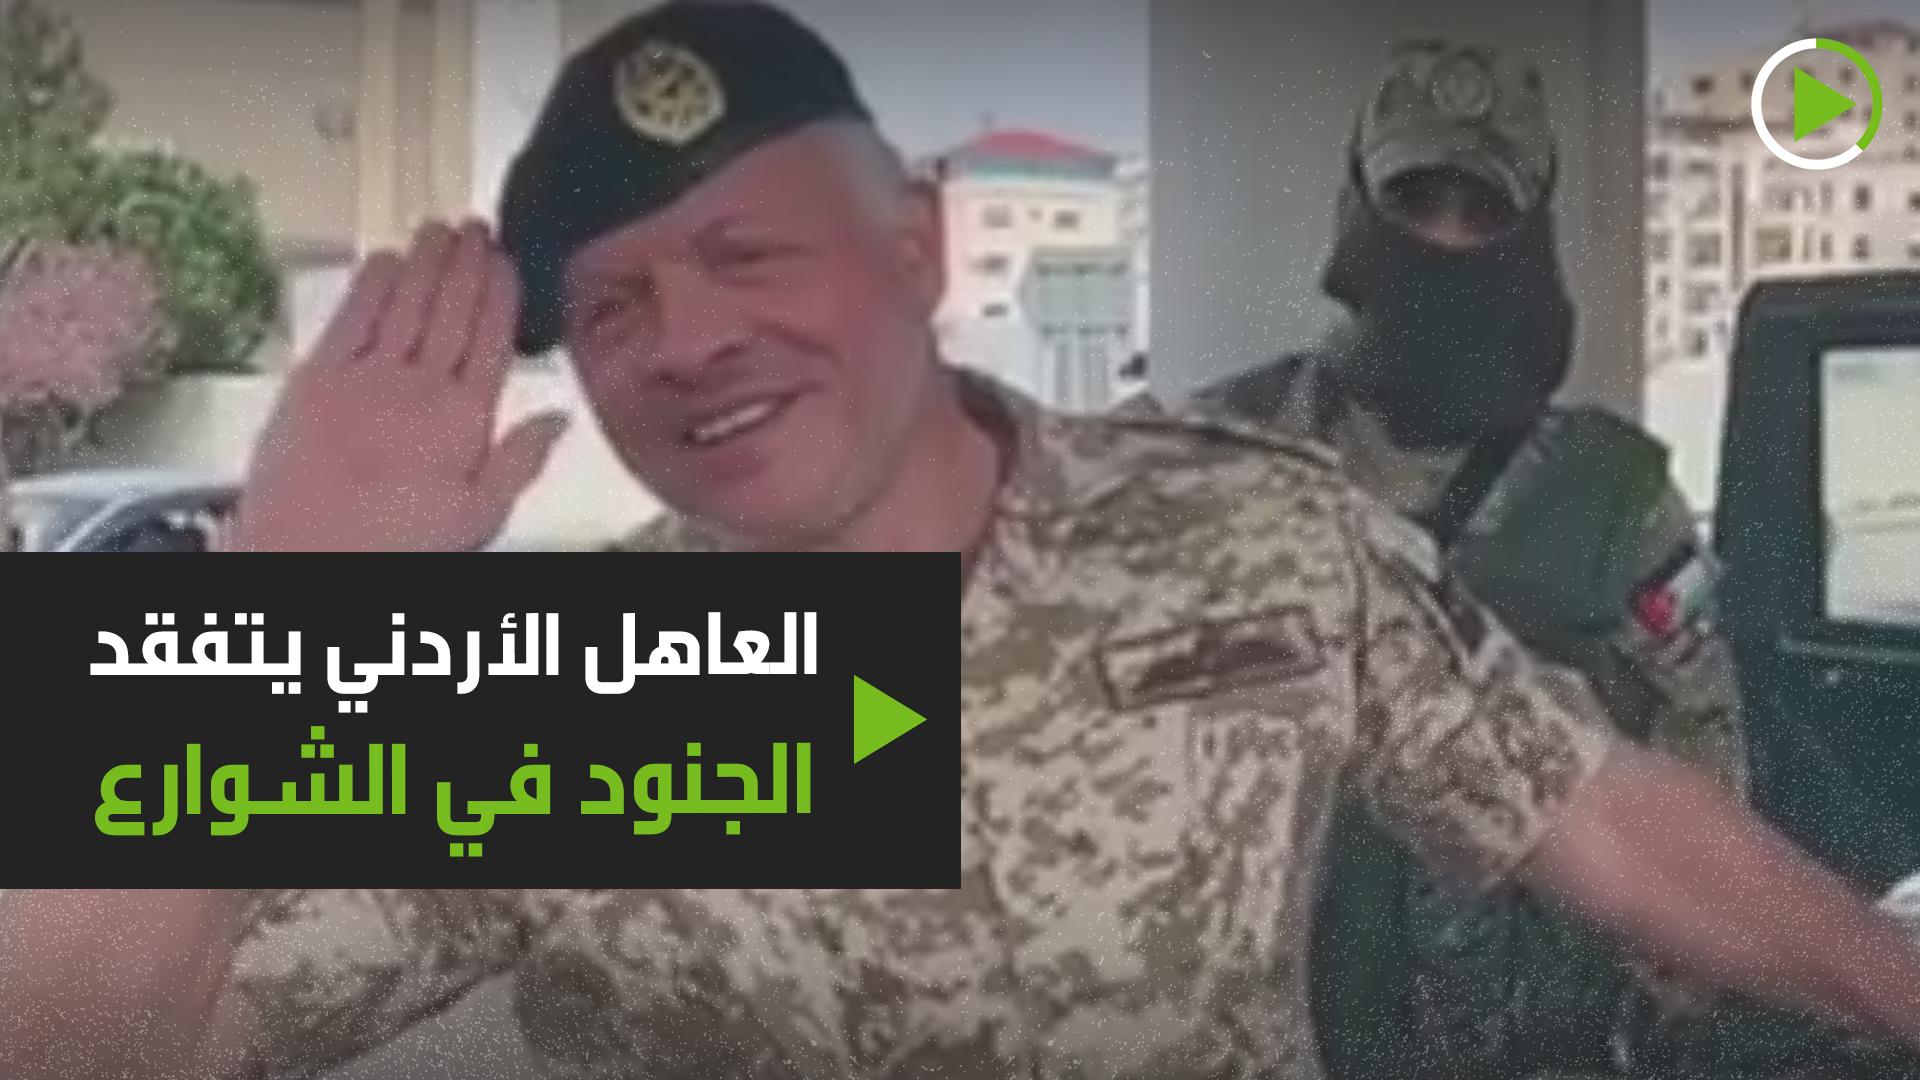 العاهل الأردني يتفقد الجنود في الشوارع